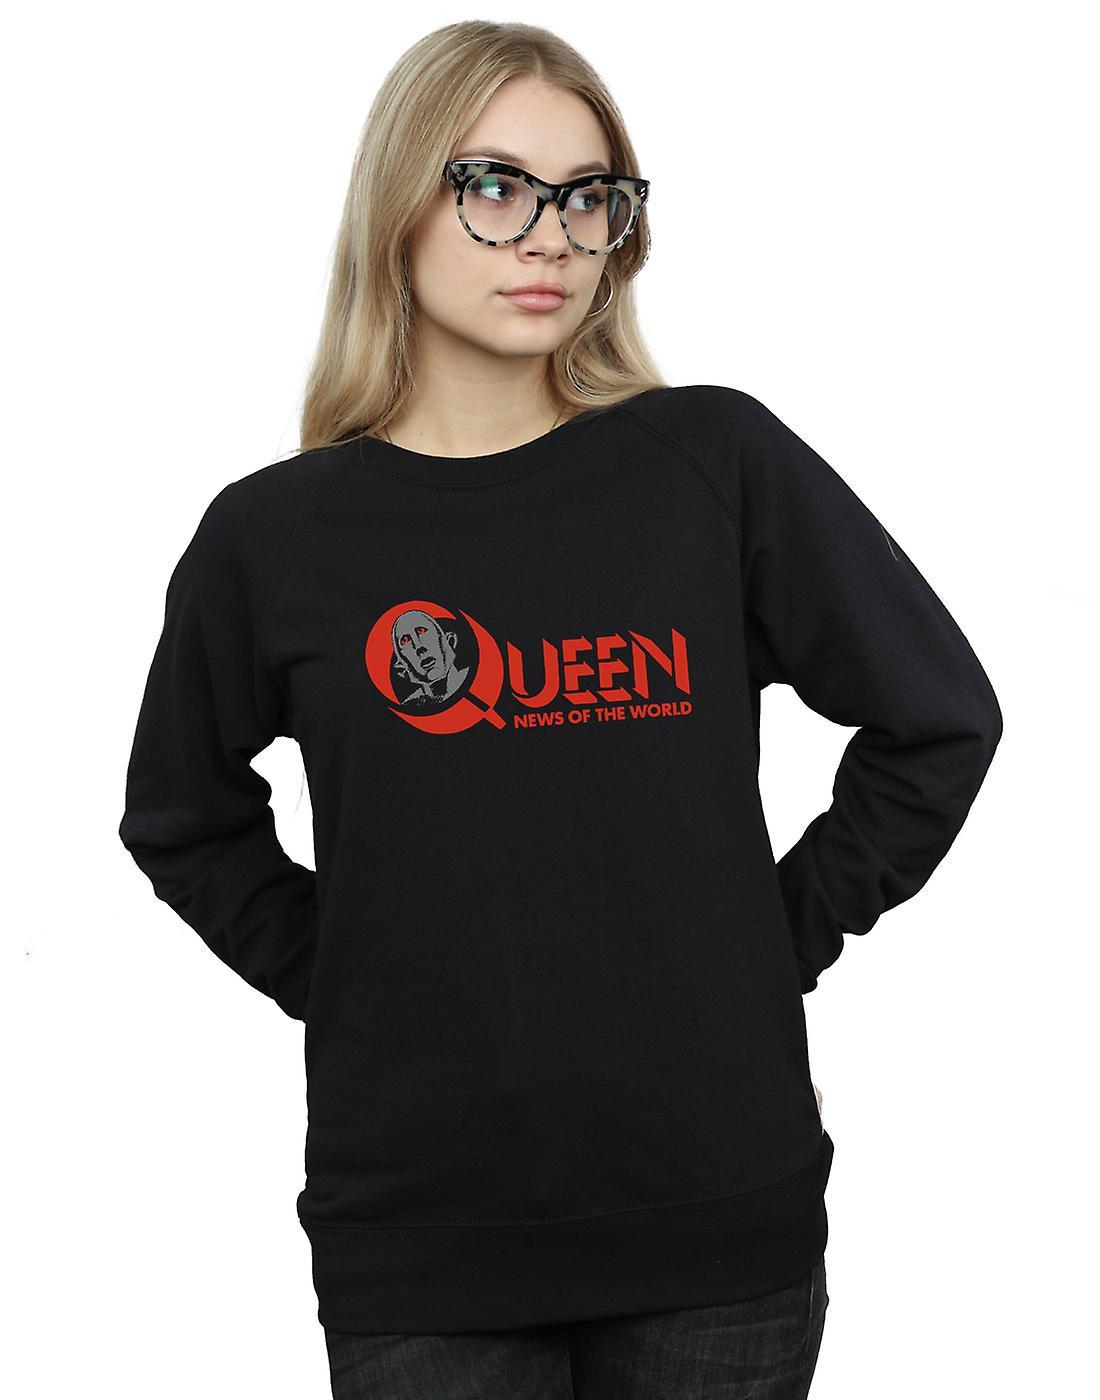 Queen Women's News Of The World Logo Sweatshirt